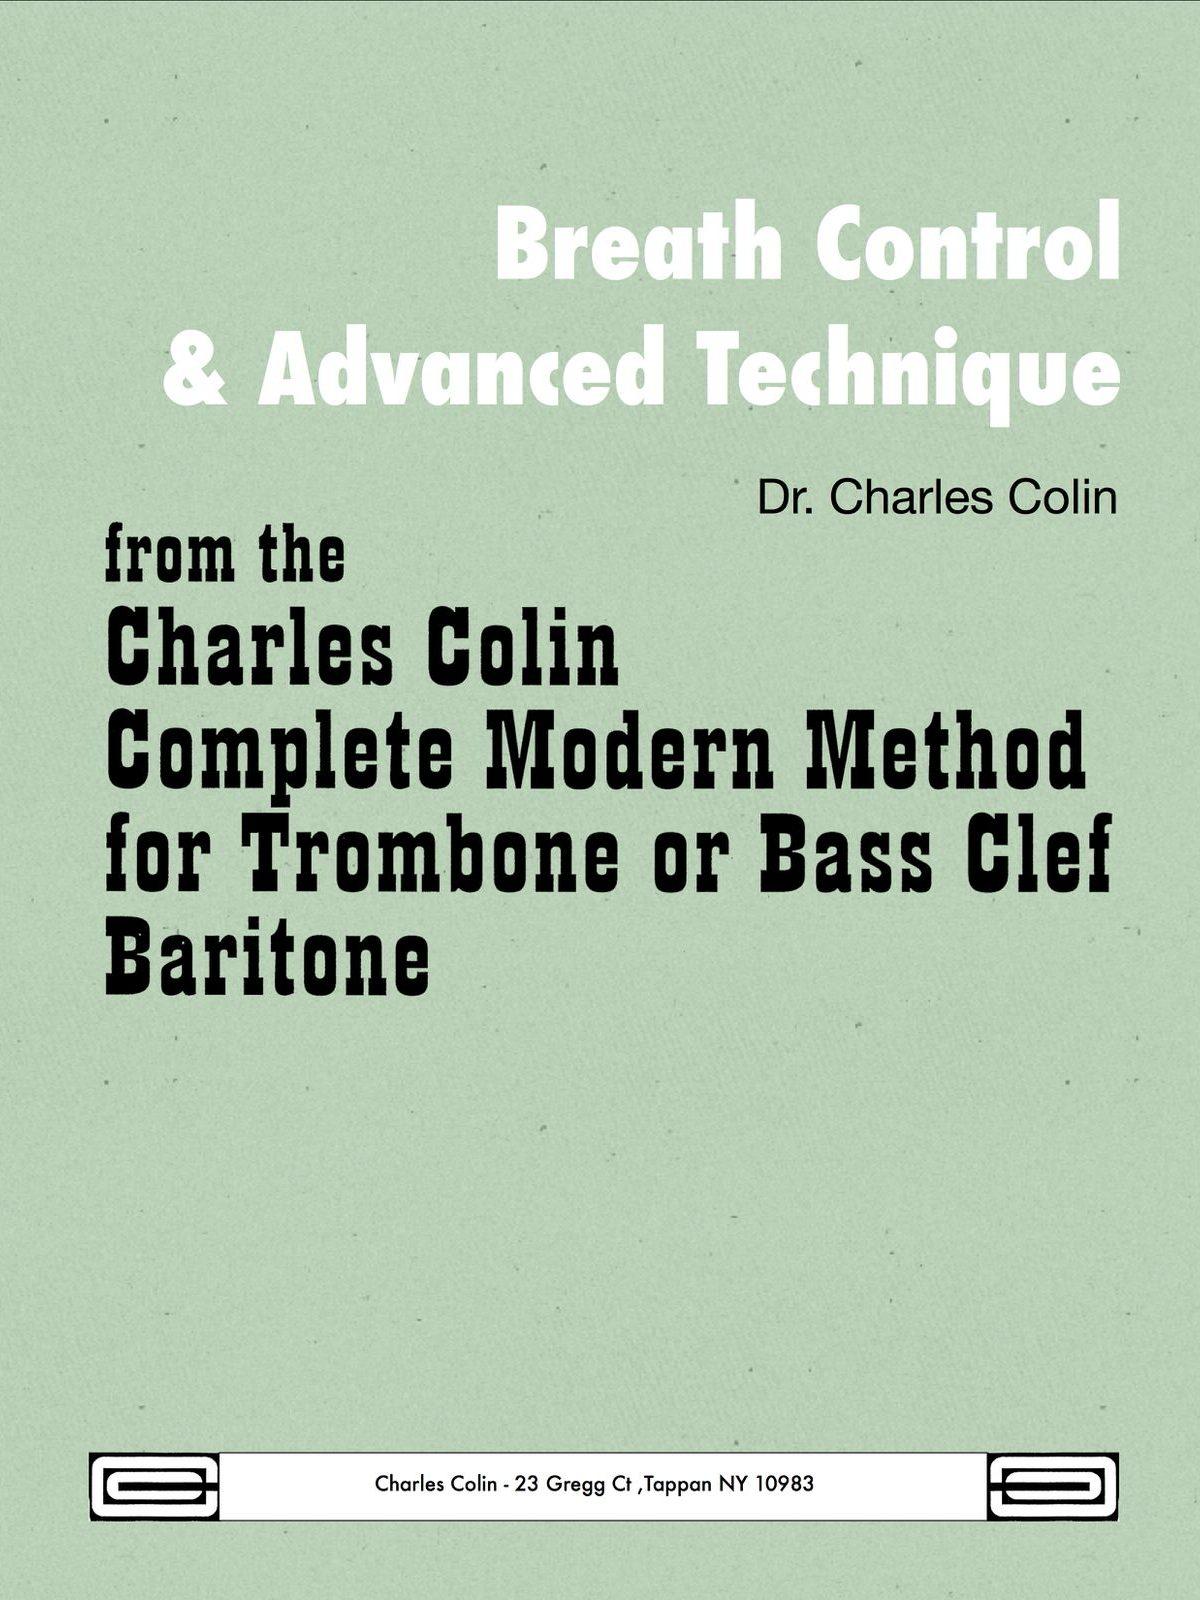 Colin, Breath Control and Advanced Technique-p01